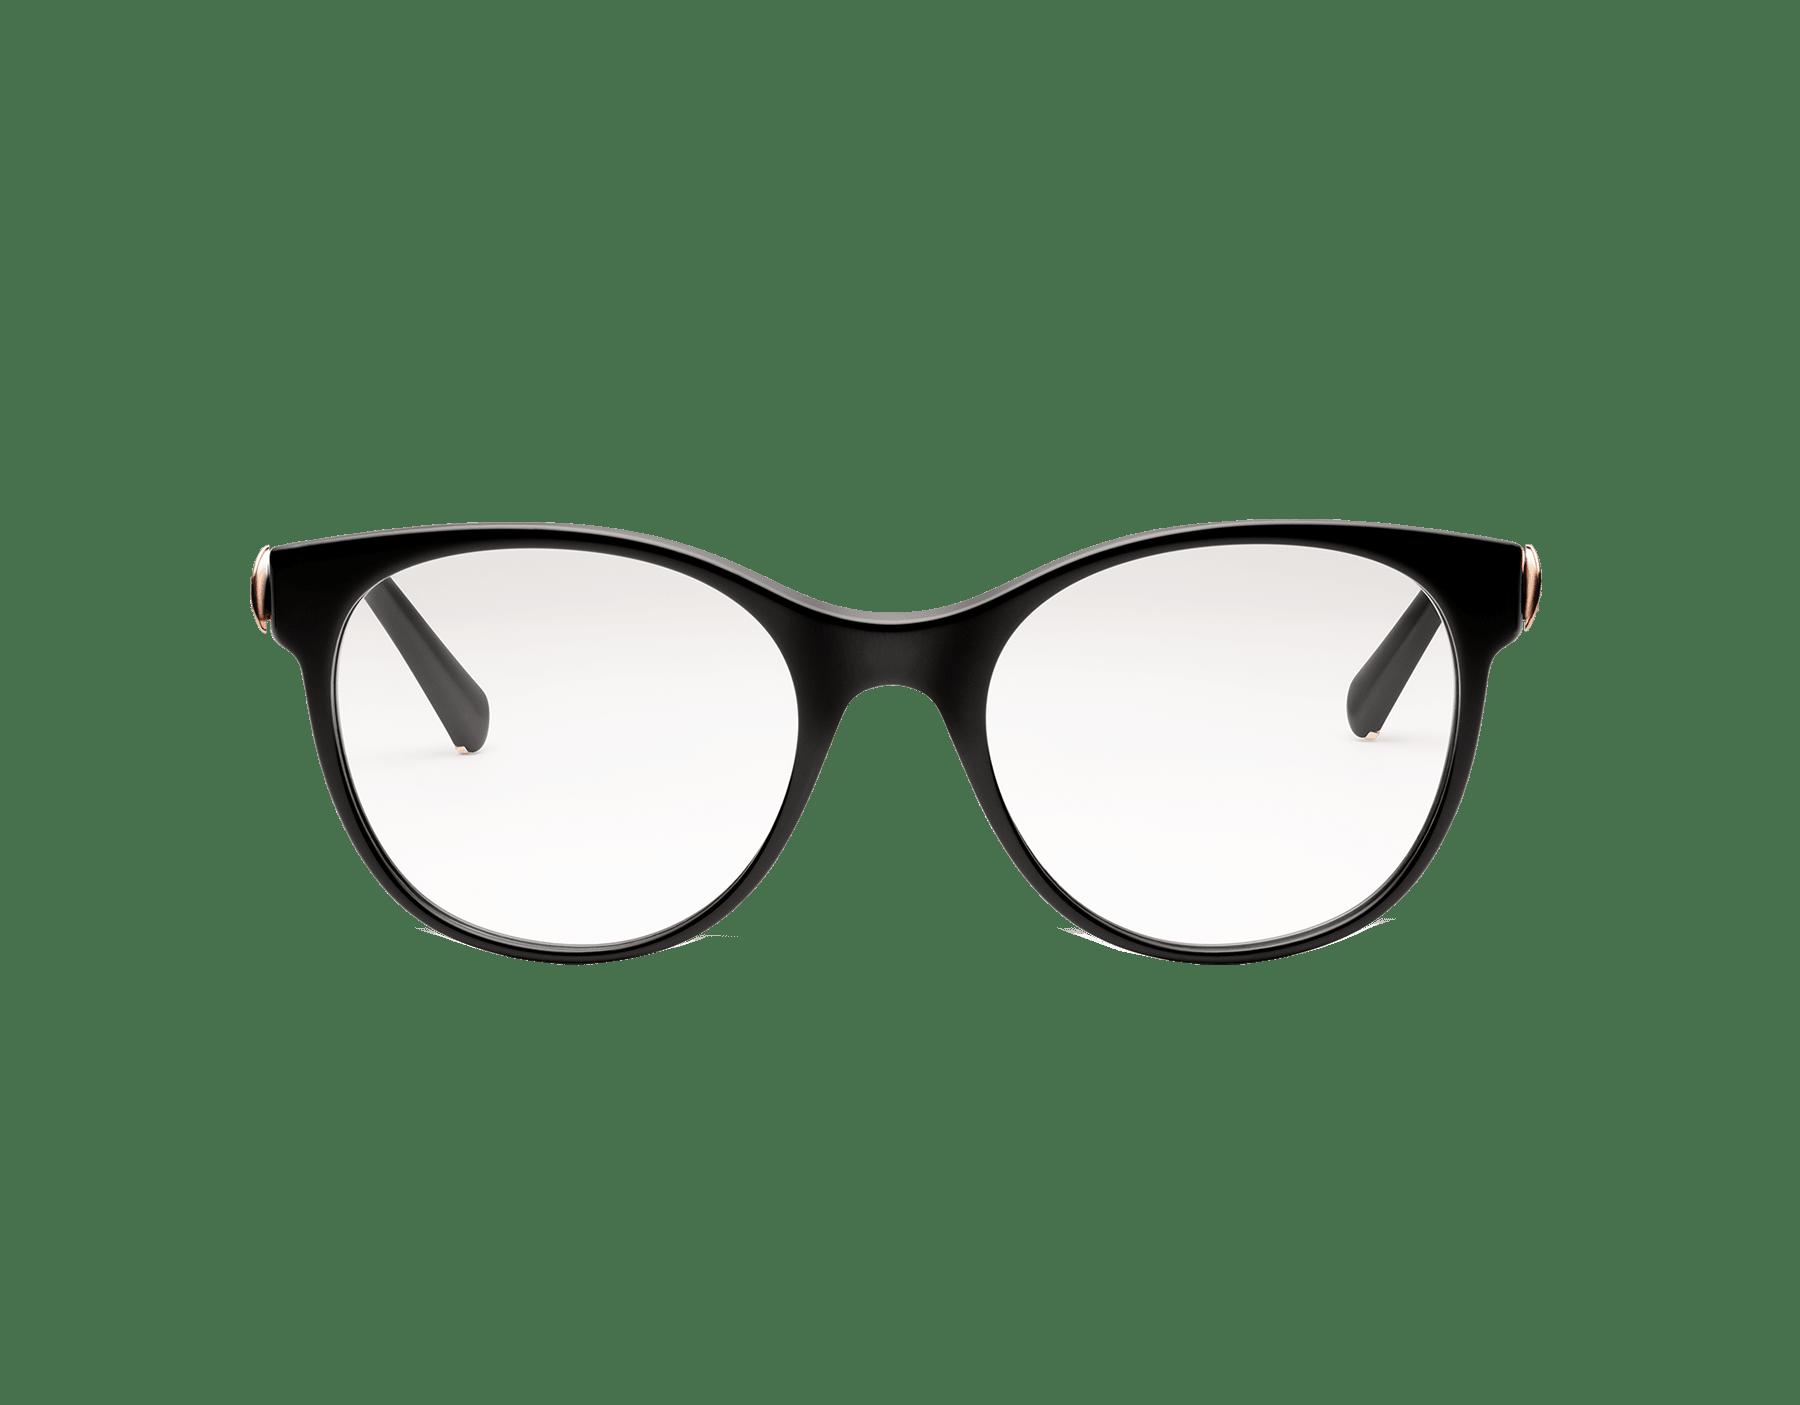 Occhiali da vista DIVAS' DREAM con montatura cat-eye in acetato. 903630 image 2